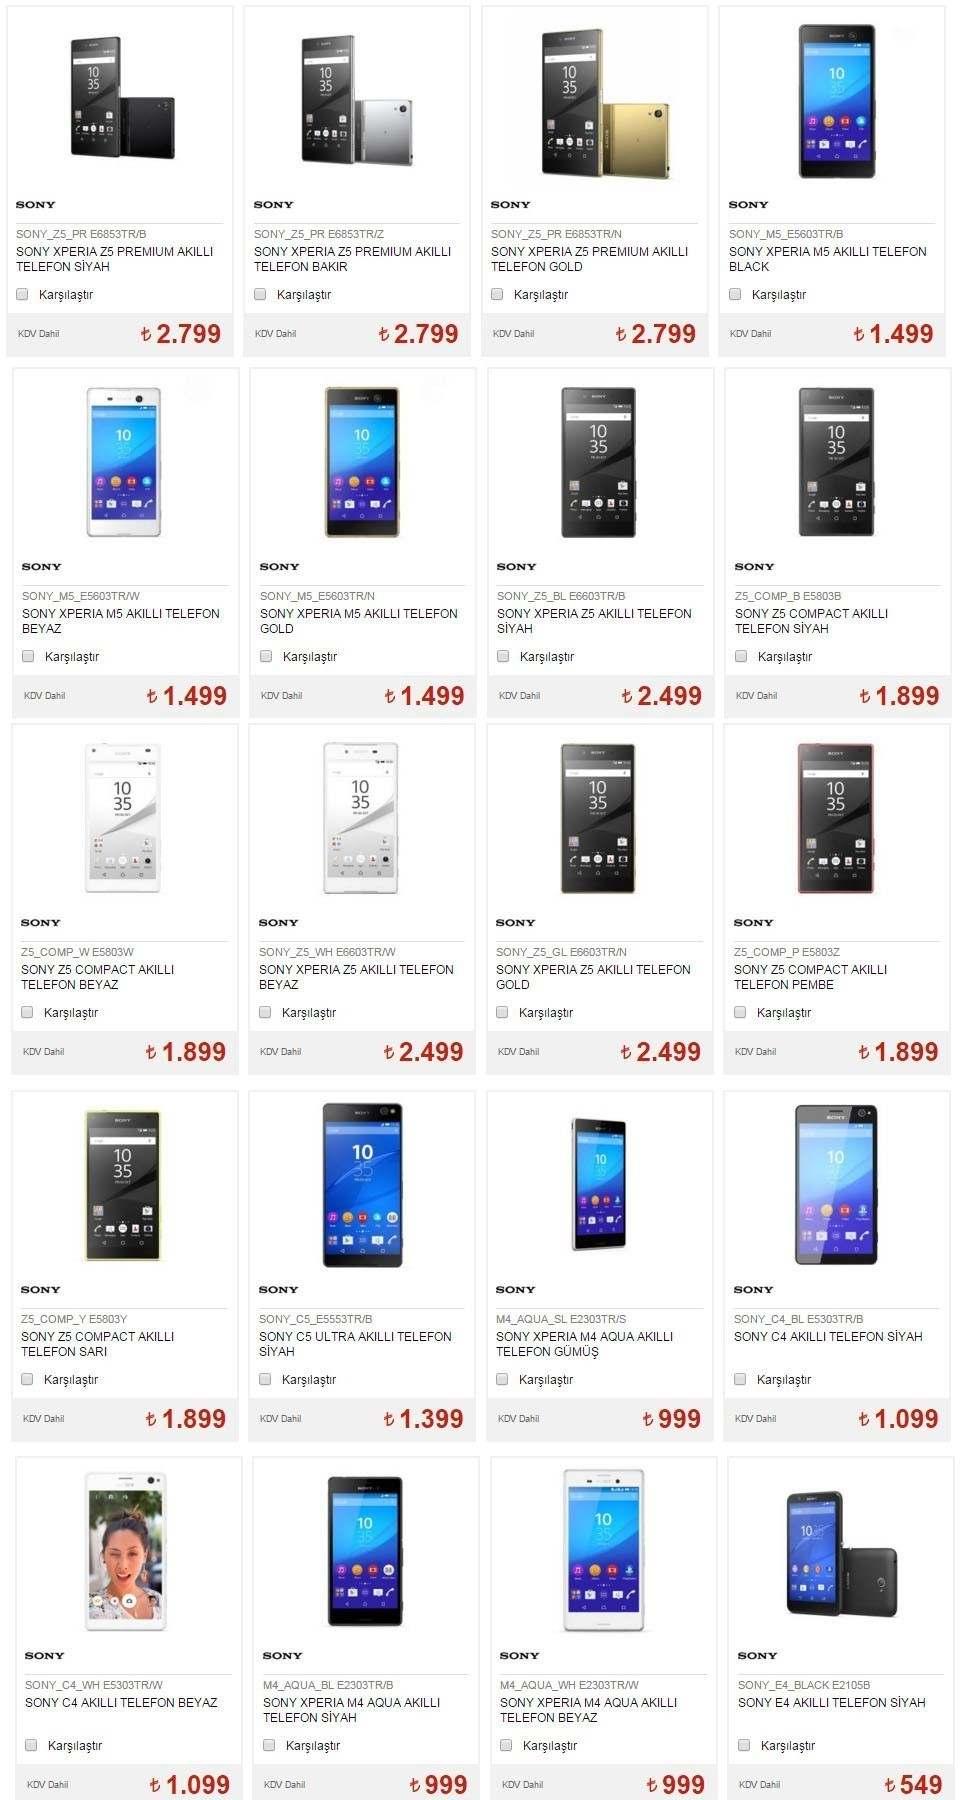 Sony Telofon Resim Marka ve Fiyatları